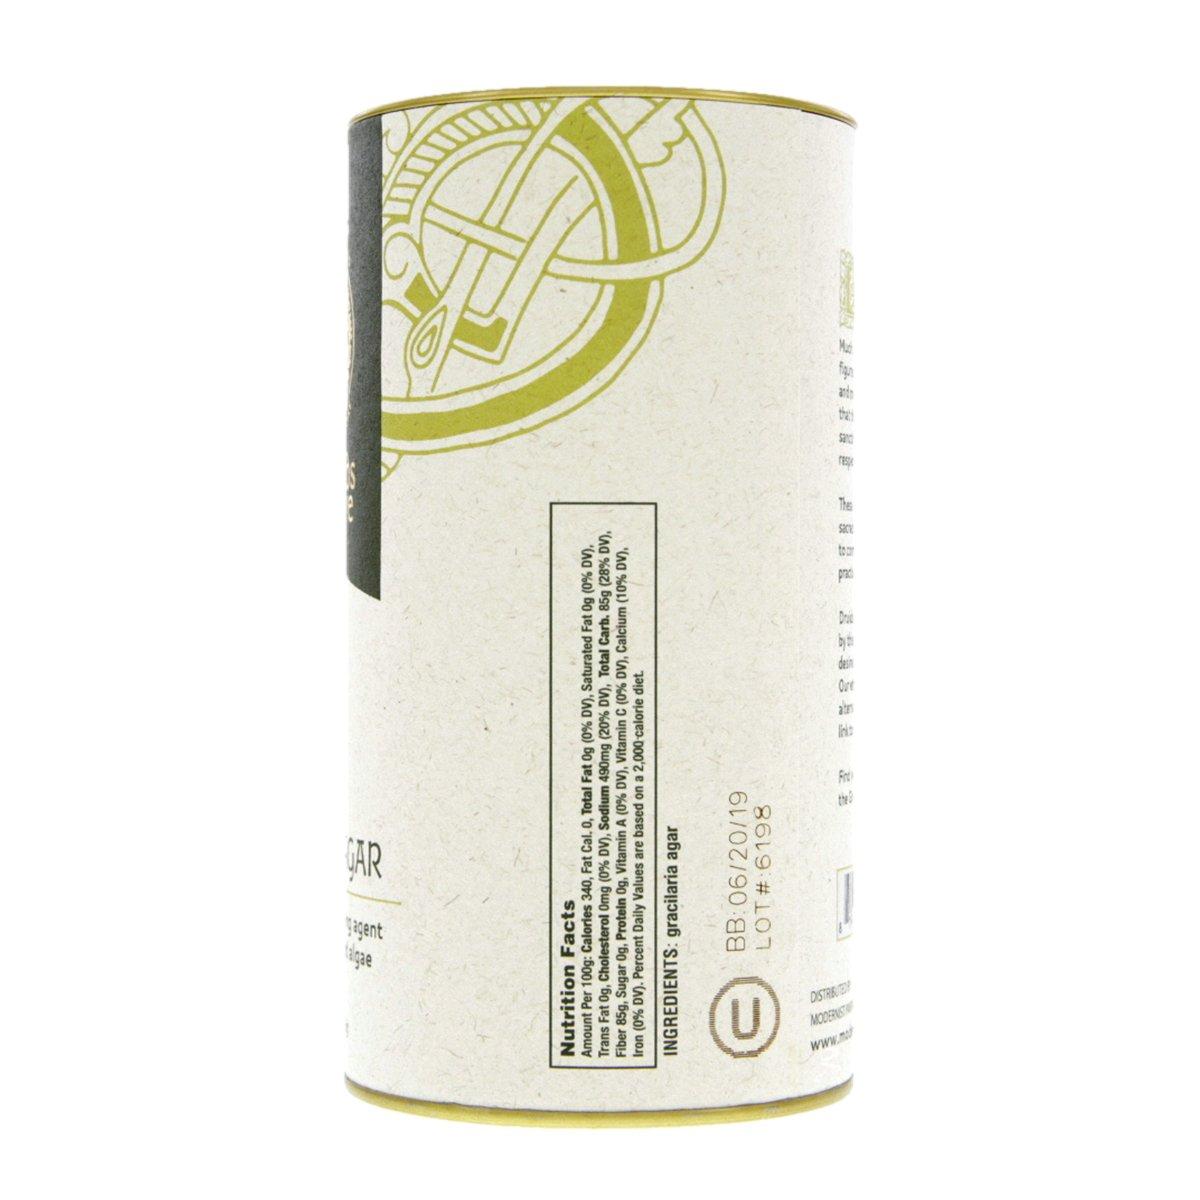 Druids Grove Super Agar ☮ Vegan ⊘ Non-GMO ❤ Gluten-Free ✡ OU Kosher Certified - 8 oz. by Druids Grove (Image #2)